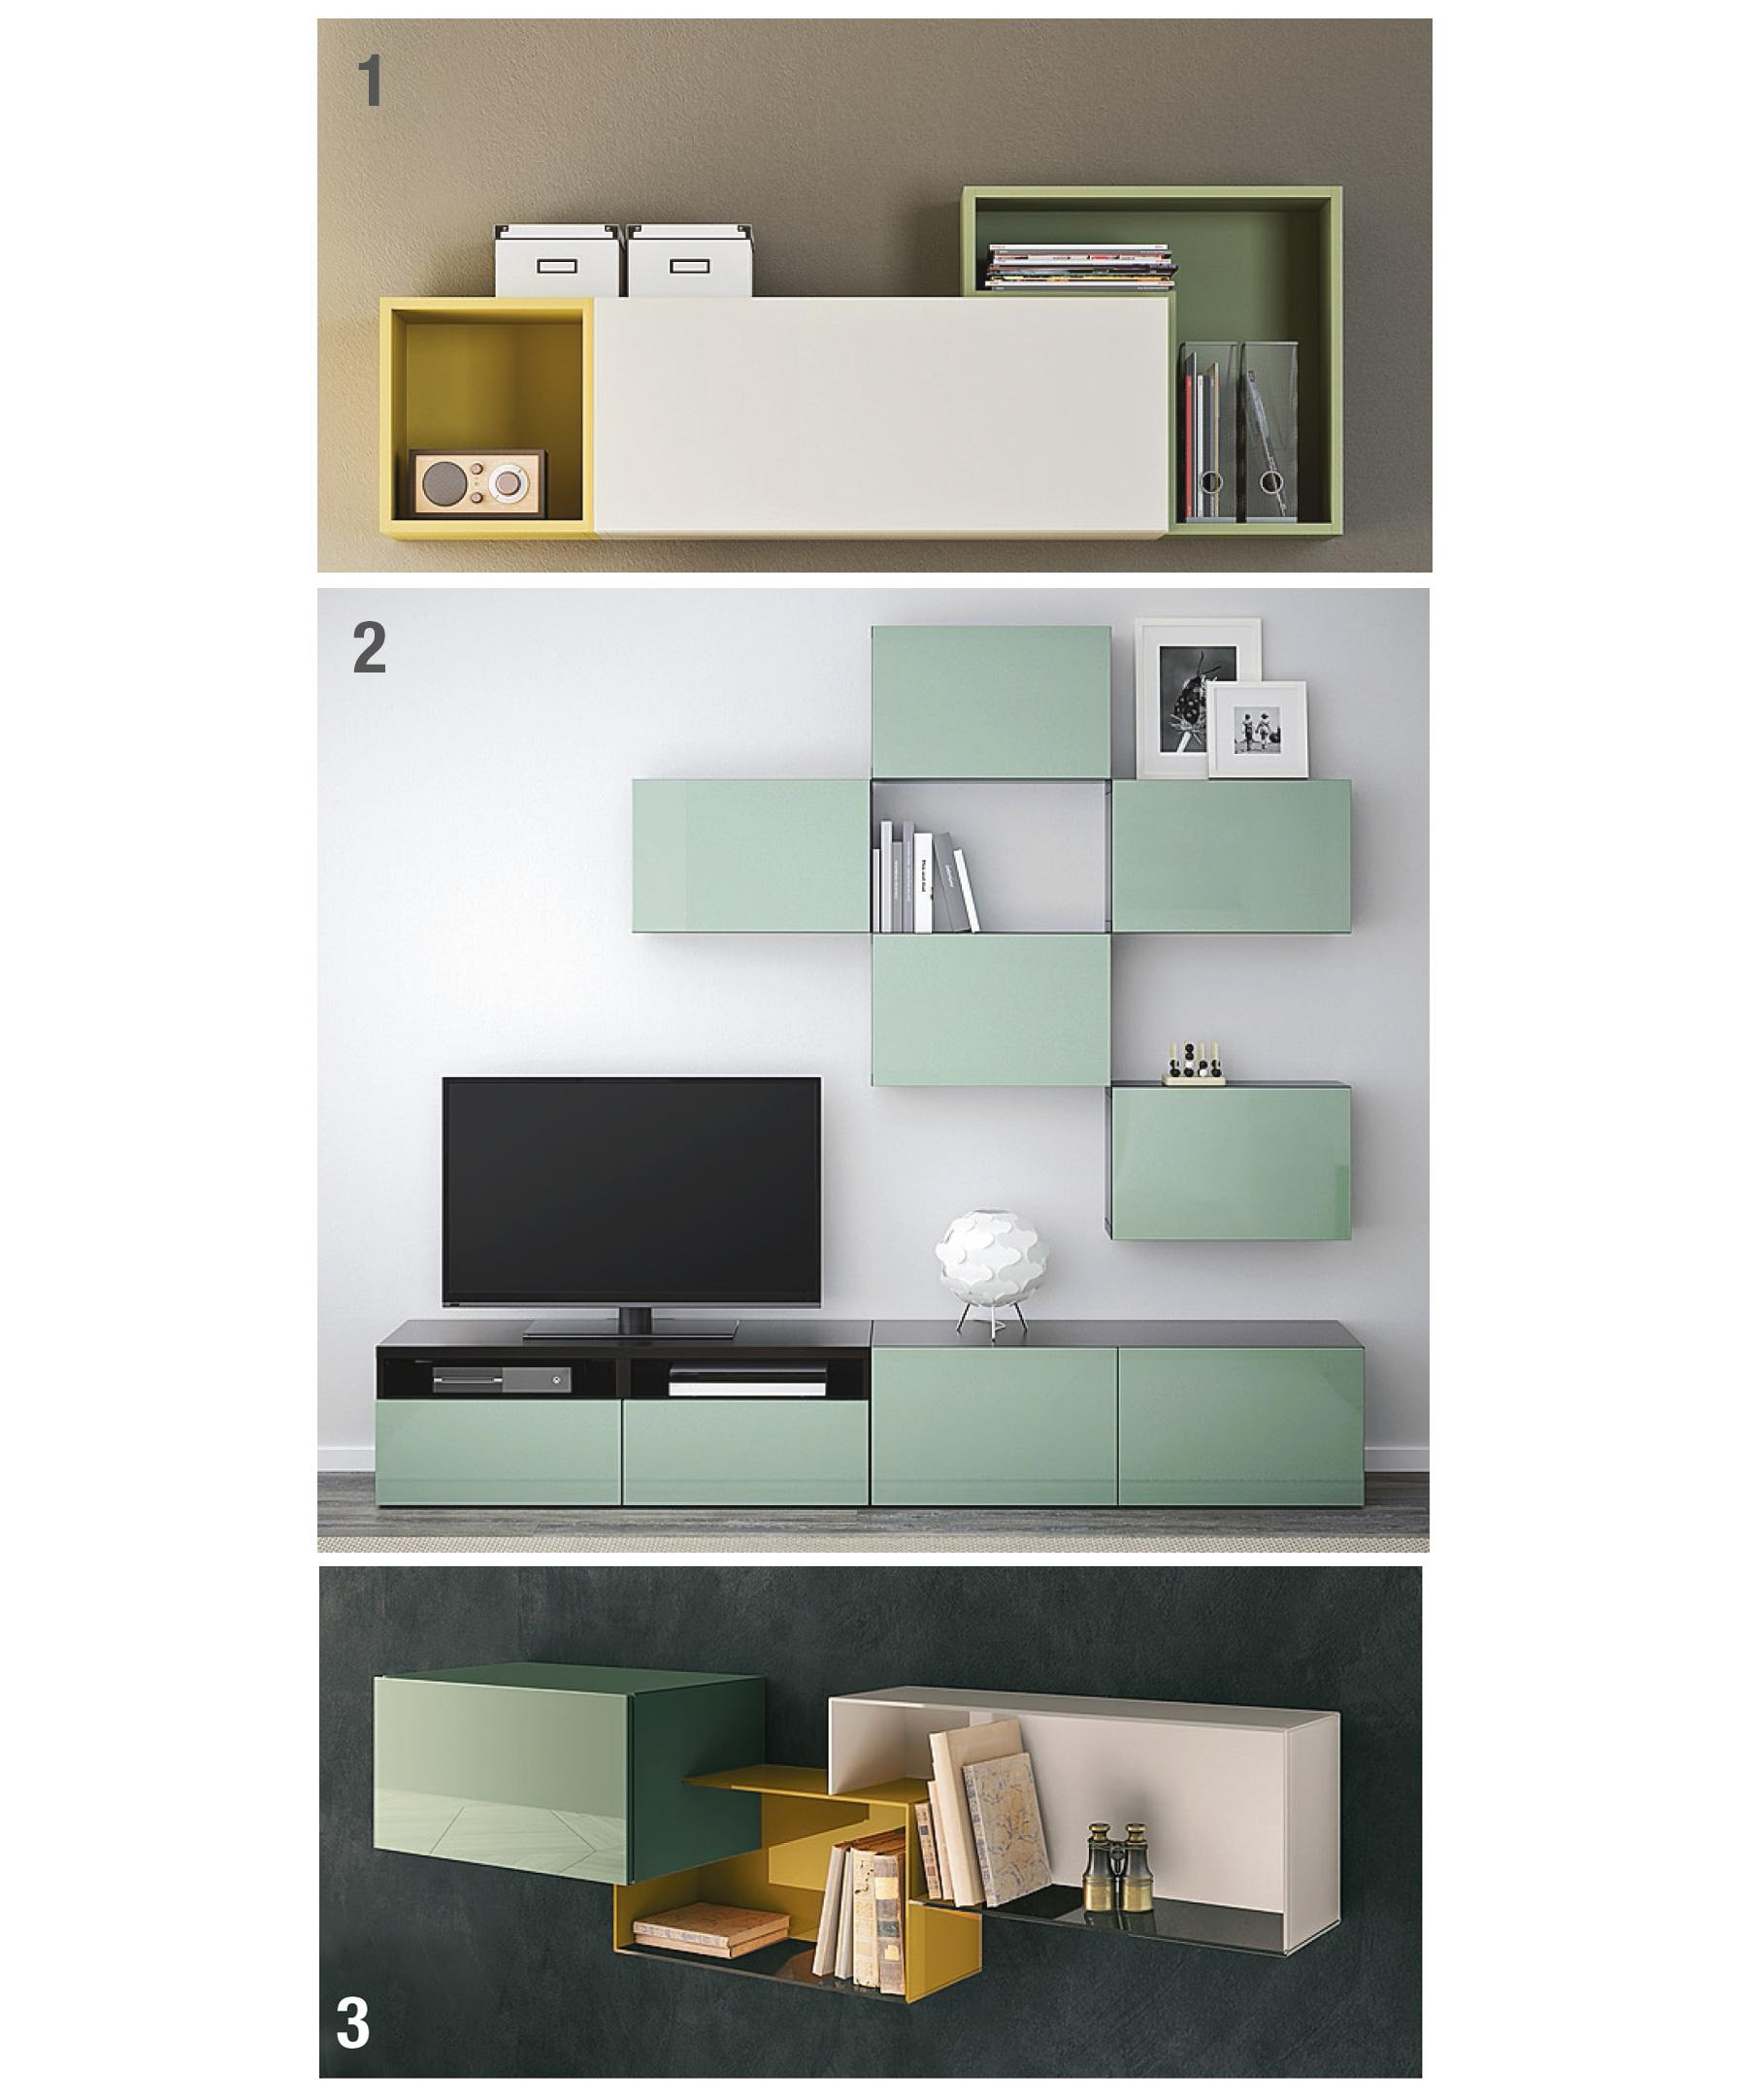 Ikea Mobili Bagno Pensili mobili sospesi: contenitori easy a parete - cose di casa